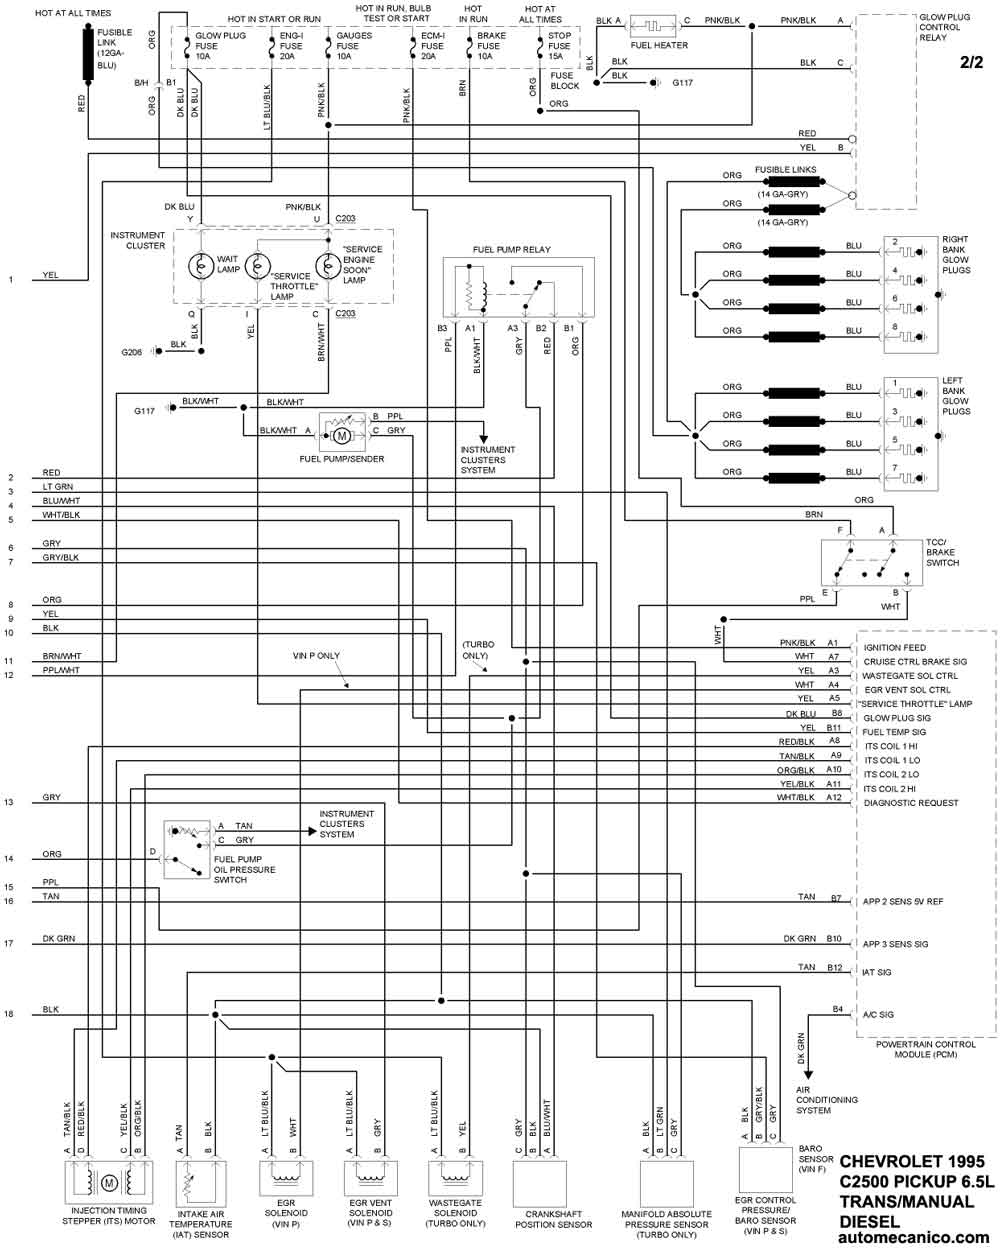 chevrolet -1995 - diagramas control del motor